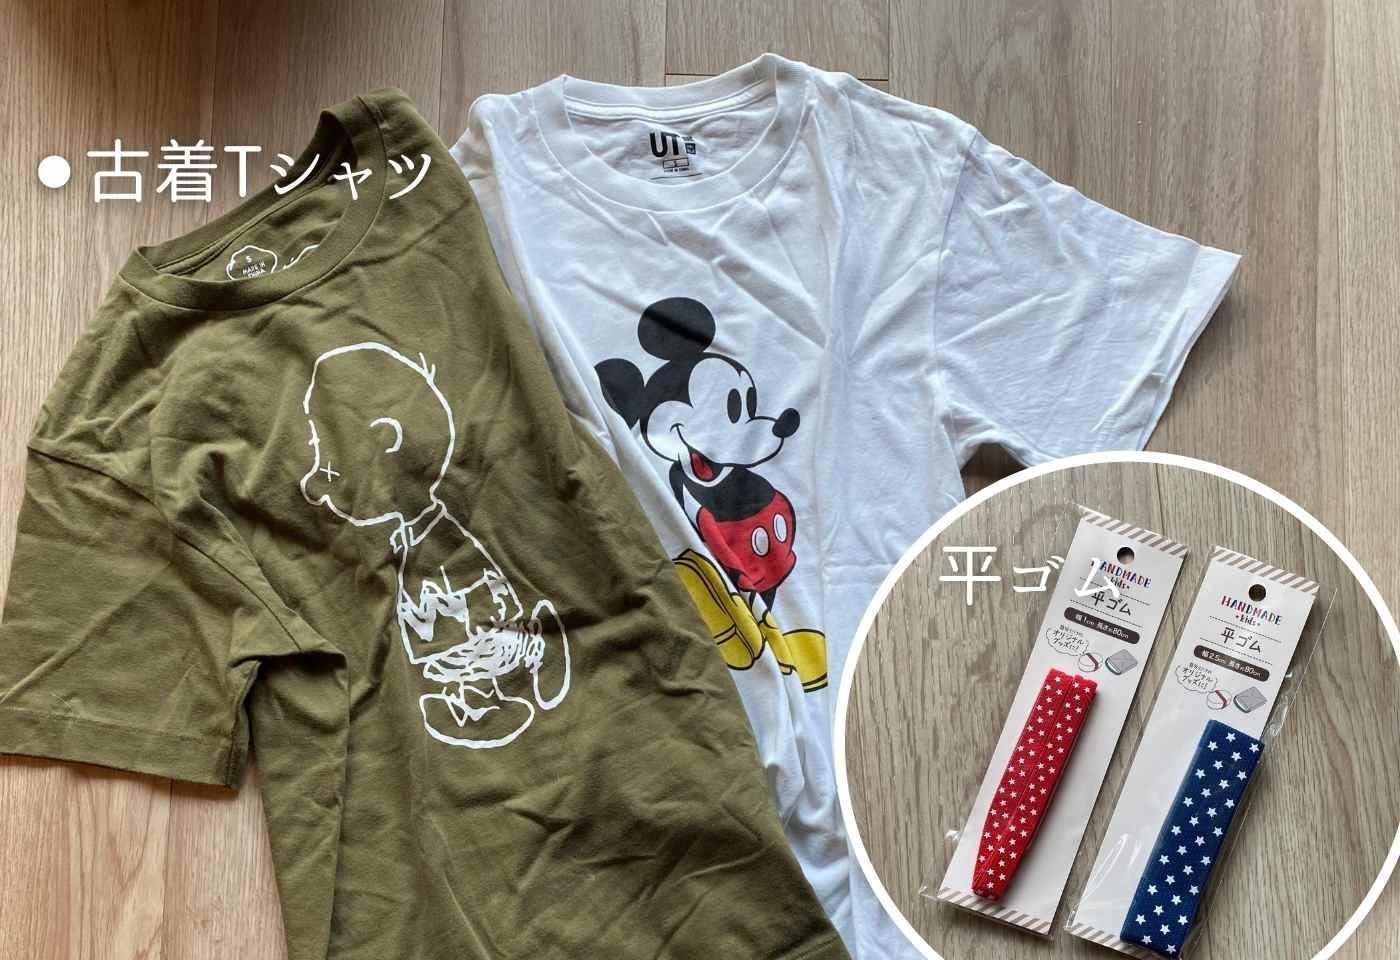 愛犬用Tシャツカフェマットの作り方 材料 Tシャツ 平ゴム